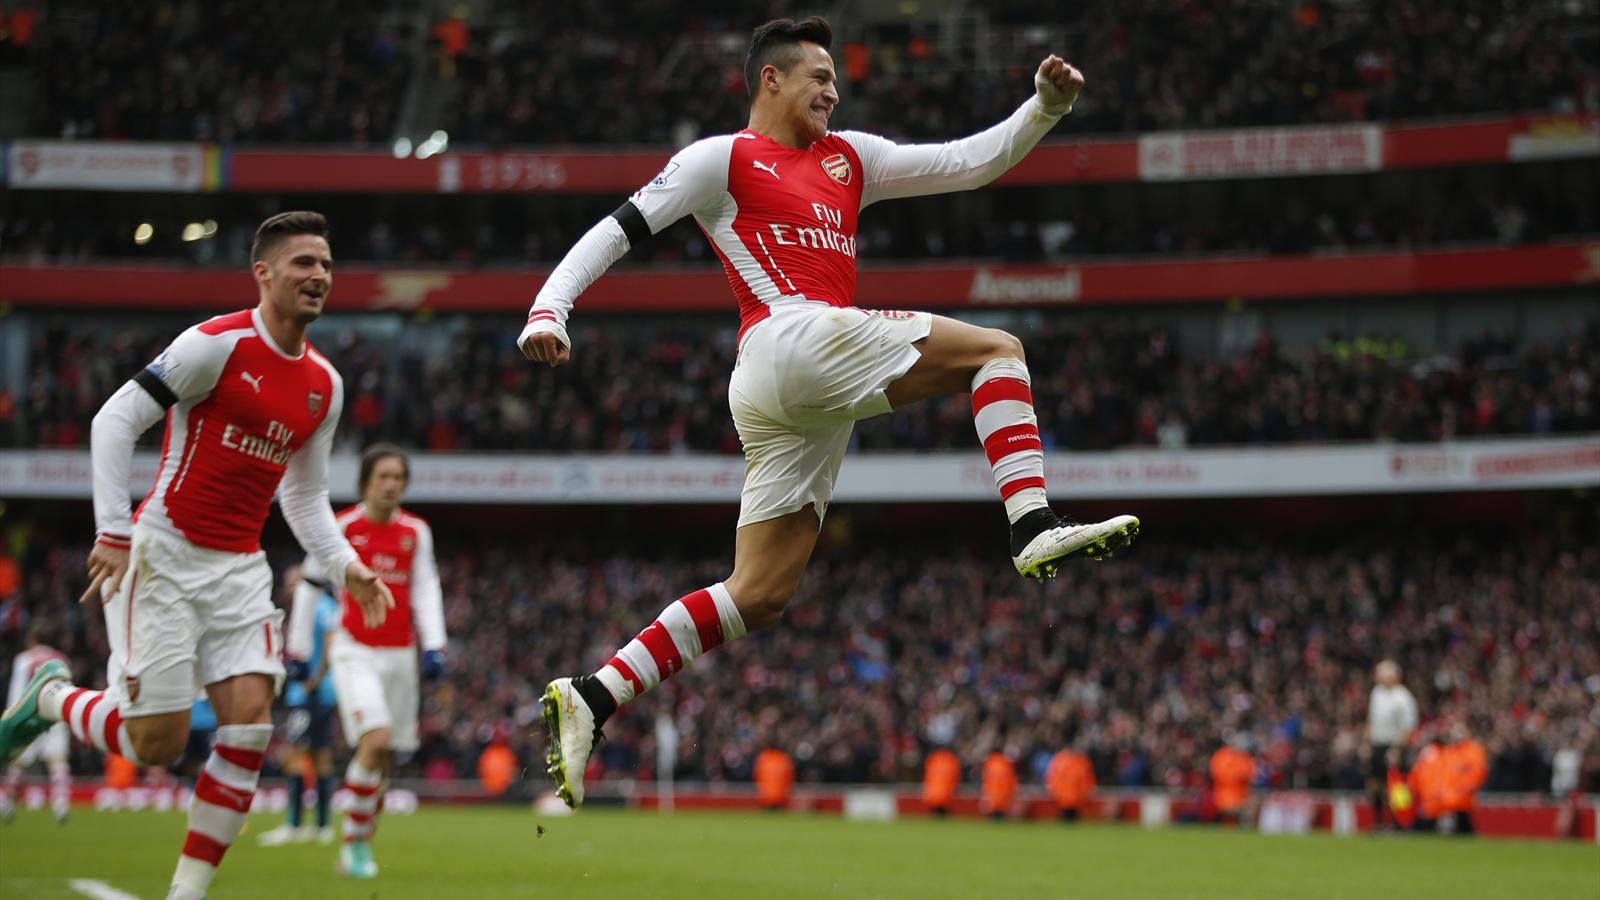 Premier league : alexis sanchez porte arsenal sur ses épaules et a